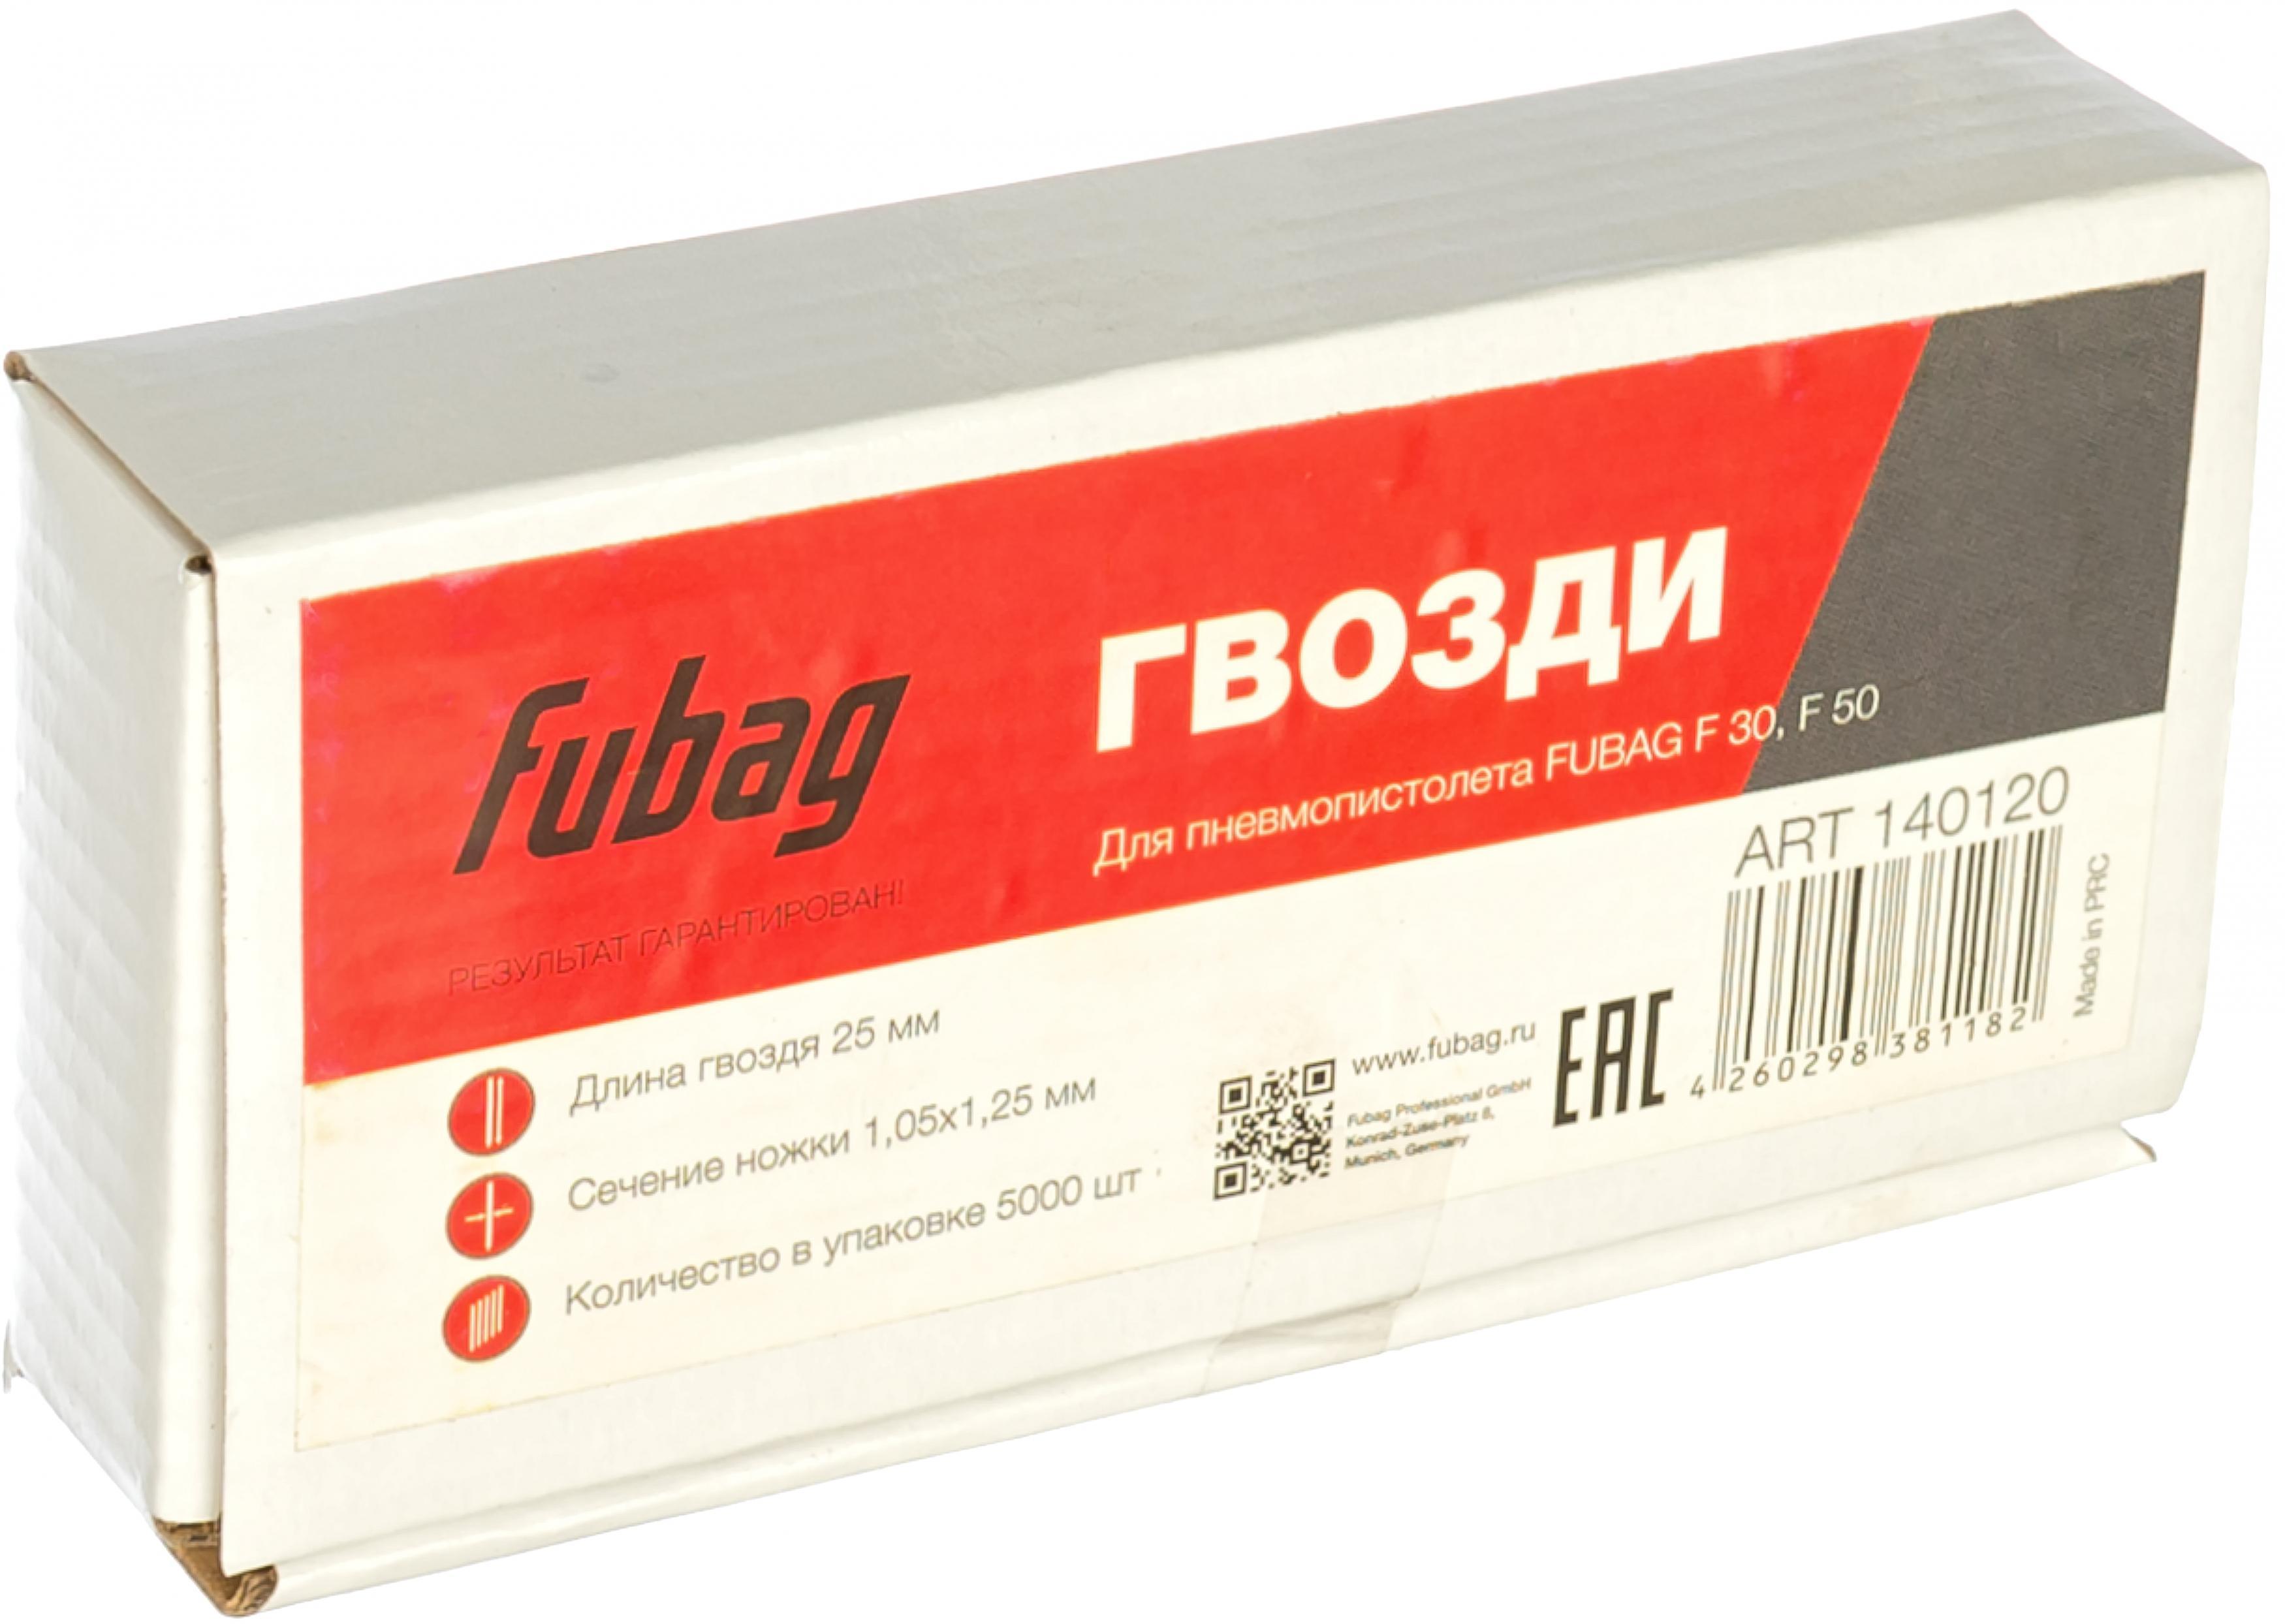 Гвозди для степлера Fubag для f30 f50 140120 гвоздь fubag 45мм 1 05х1 25 5000шт 140104